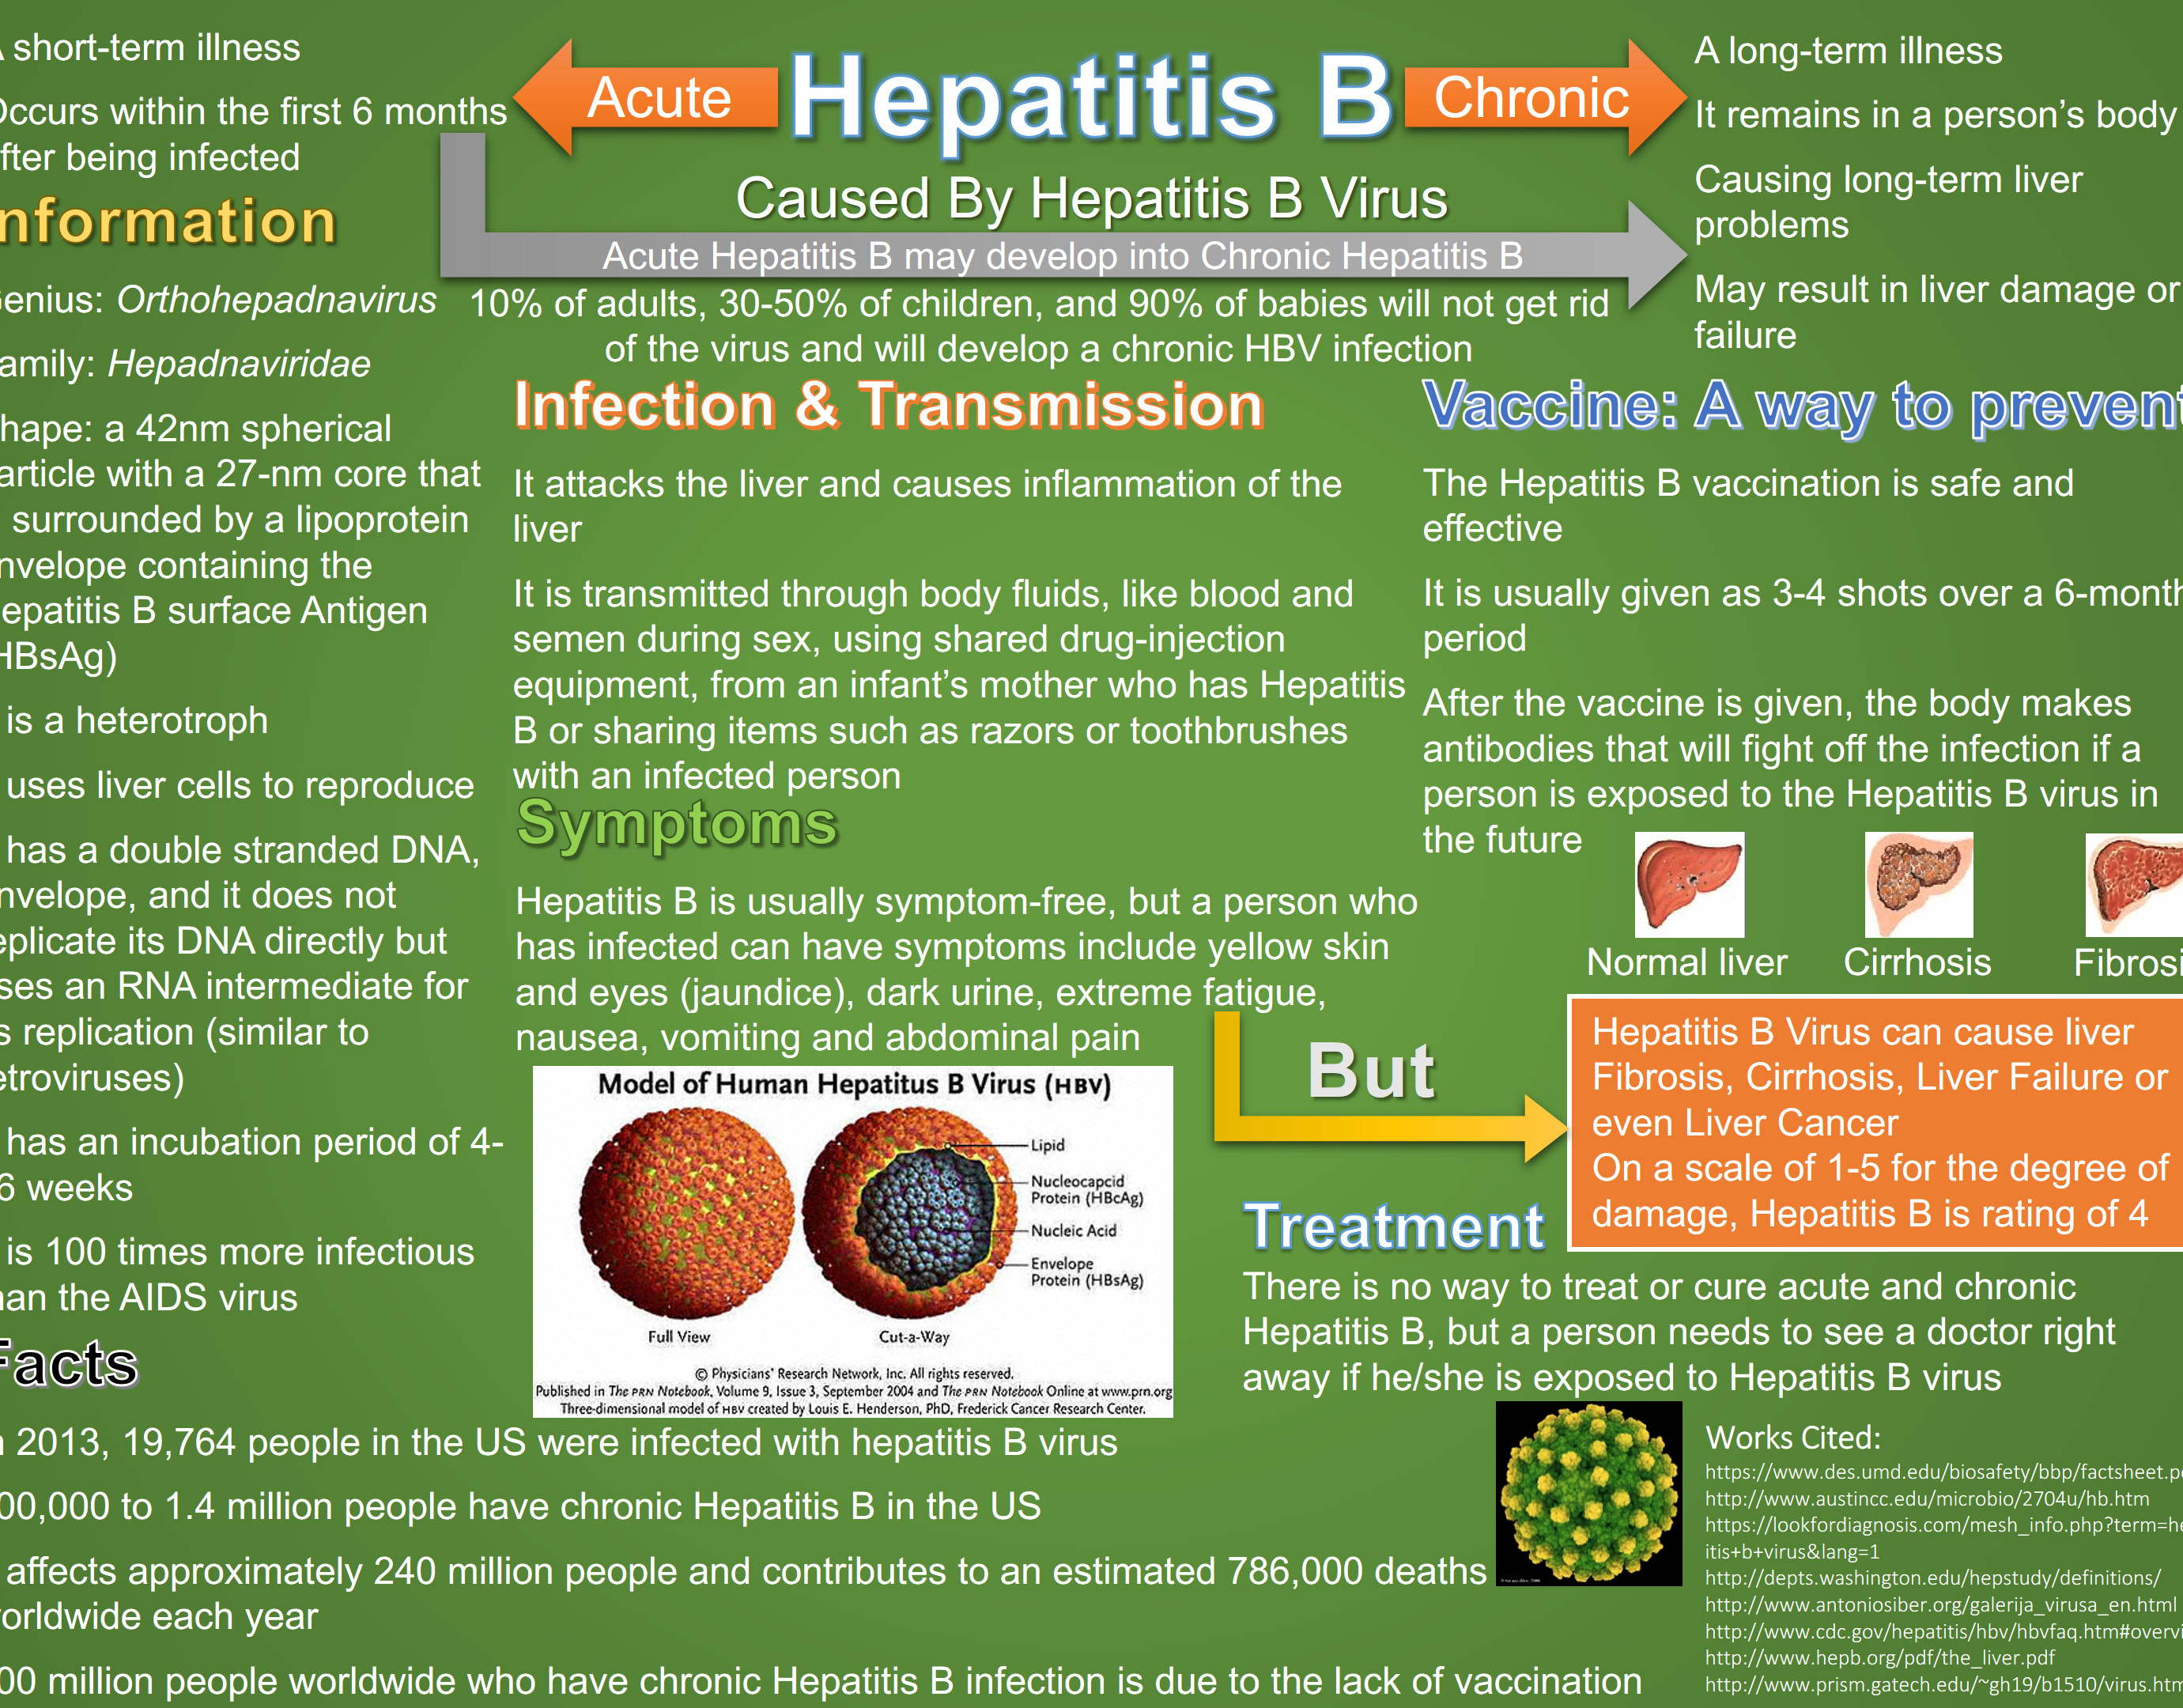 Agente delta (hepatitis D) MedlinePlus enciclopedia m dica